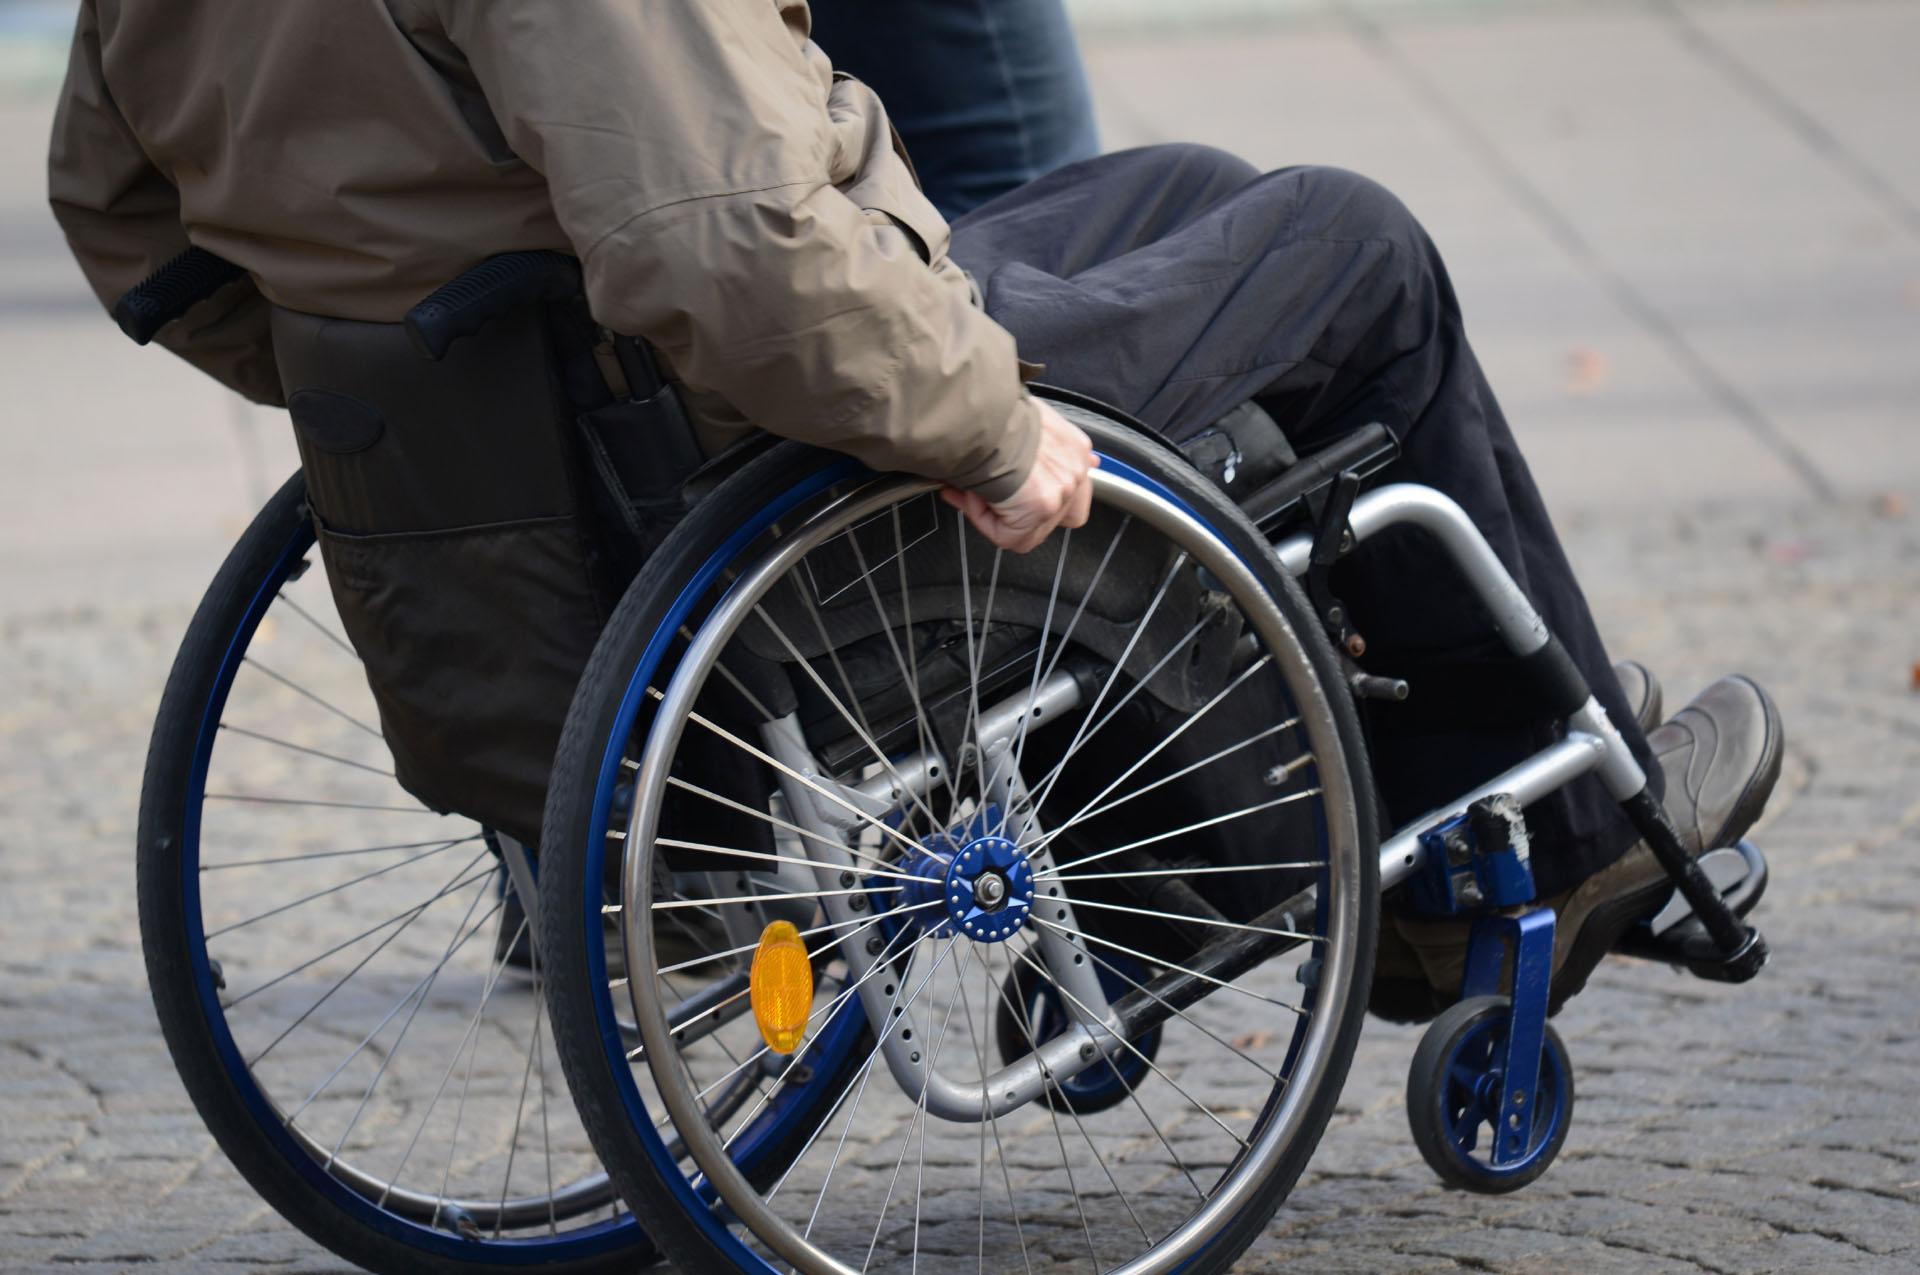 Familles Services Albi propose une assistance aux personnes dépendantes.